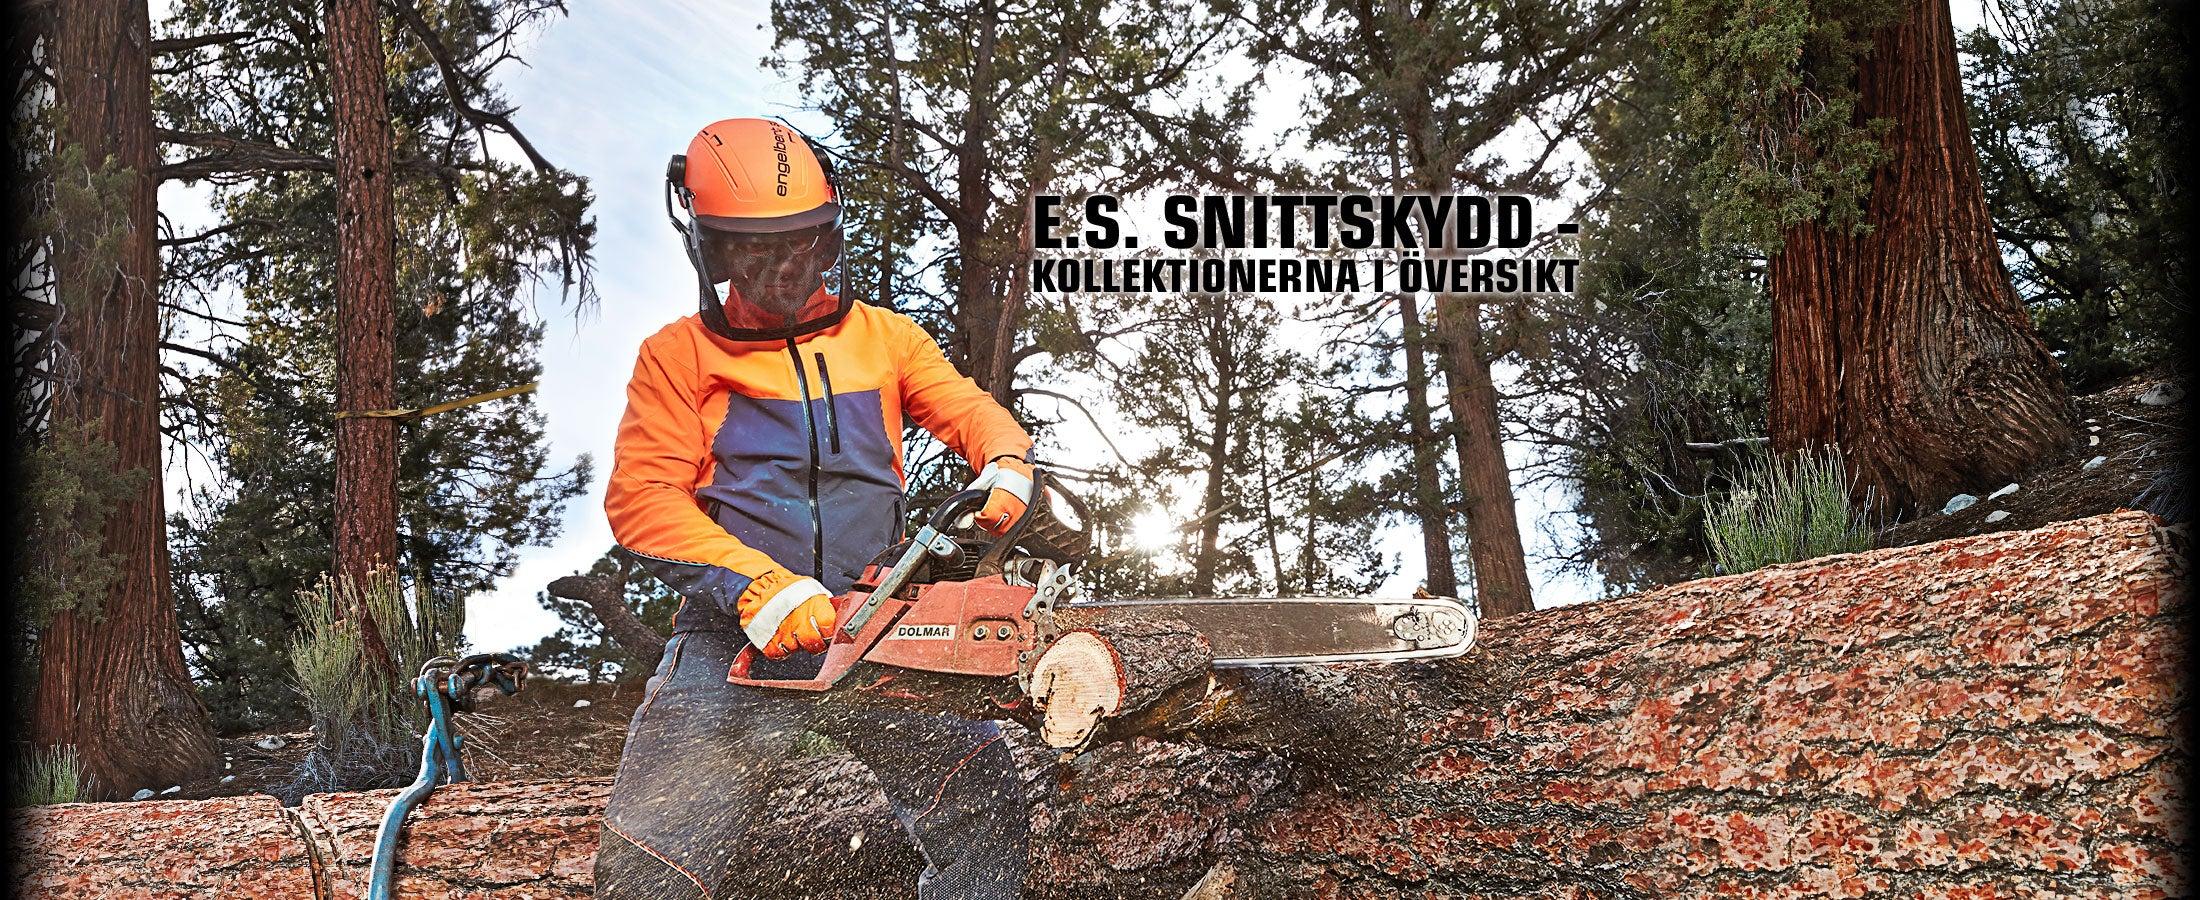 engelbert strauss snittskyddsbyxor för skogsbruk enligt EN 381-5 samt KWF  Profi-testade 90e2b610b4275